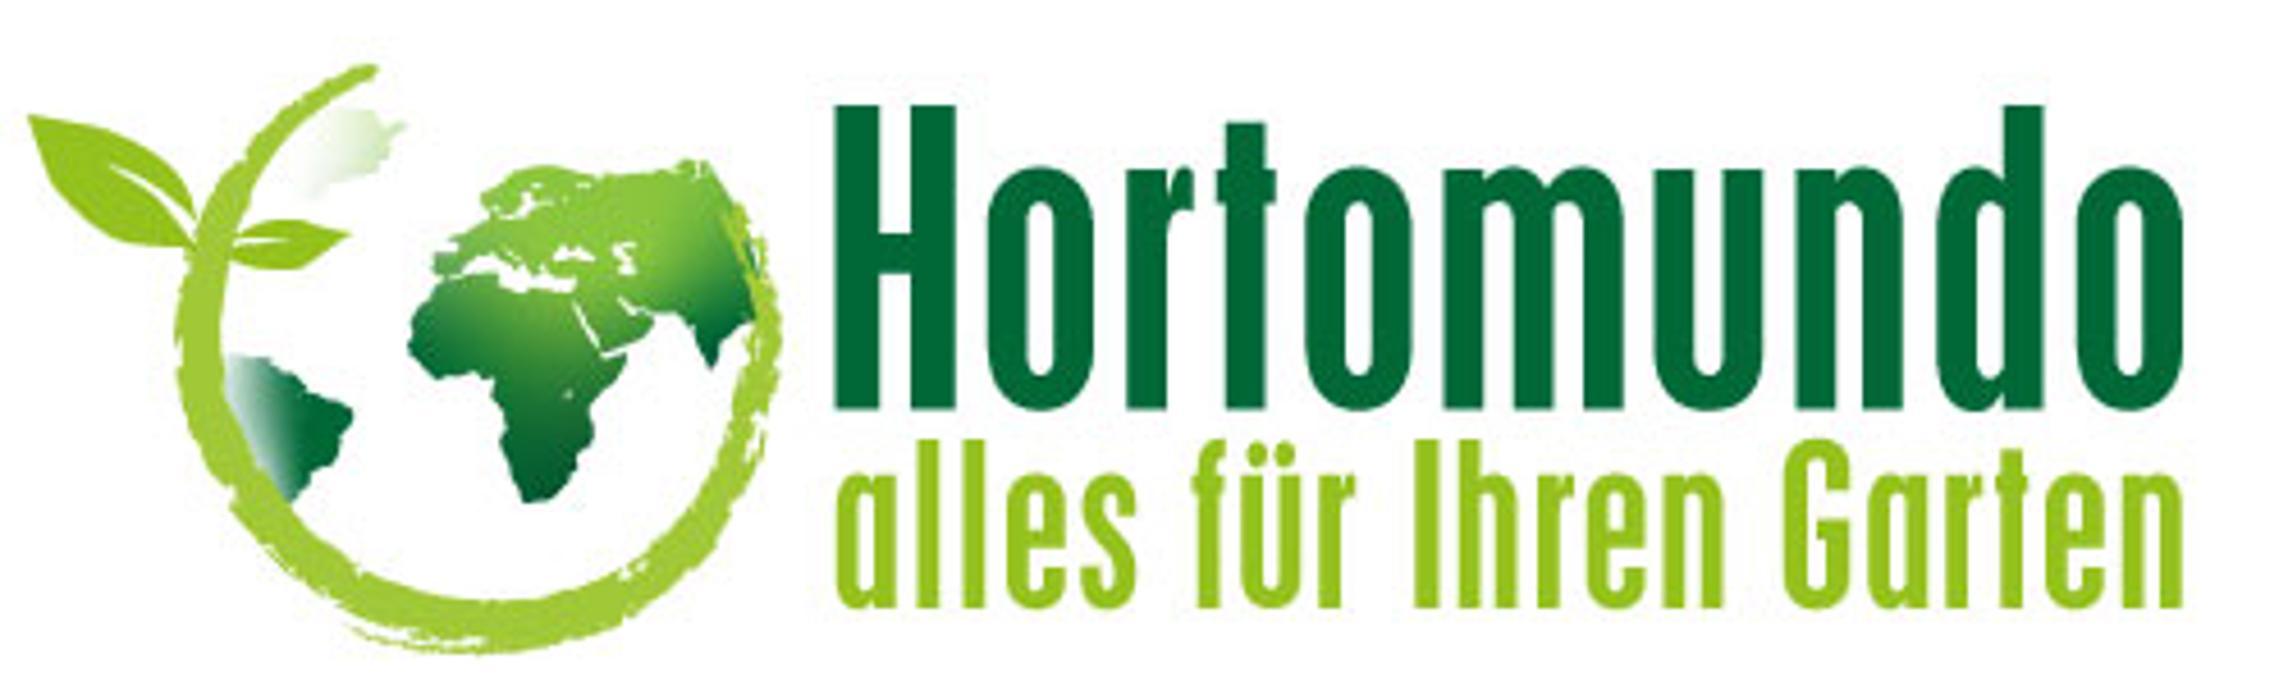 Bild zu Hortomundo online-shop - Unger & Bultmann oHG in Ahrensburg